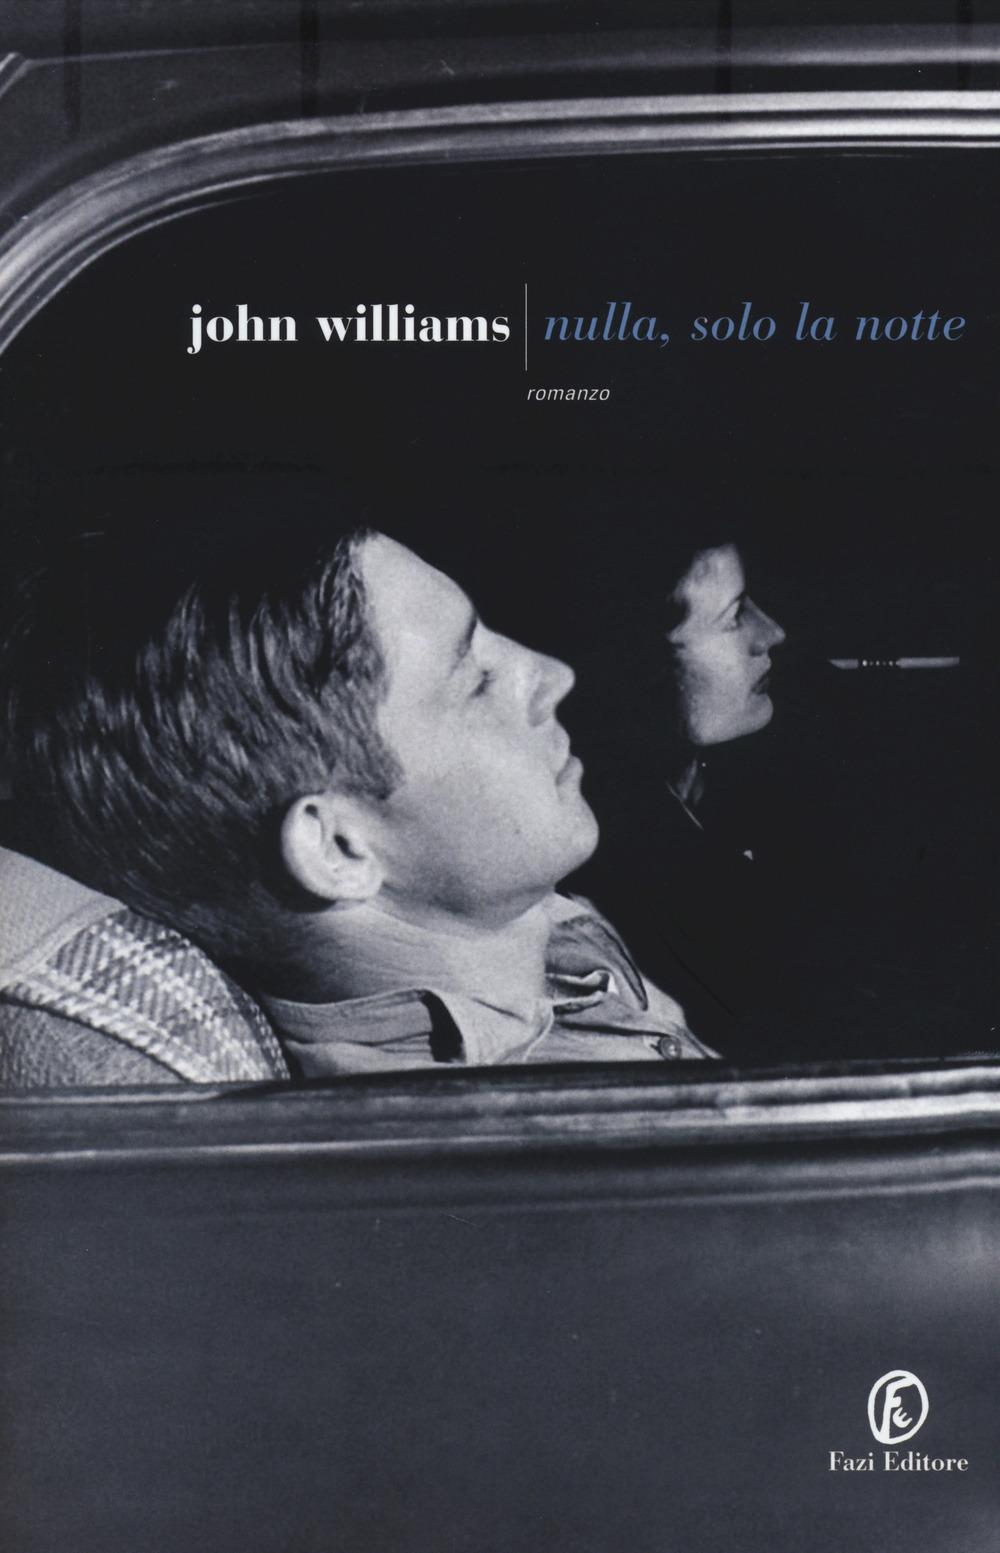 John Williams – Nulla, solo la notte